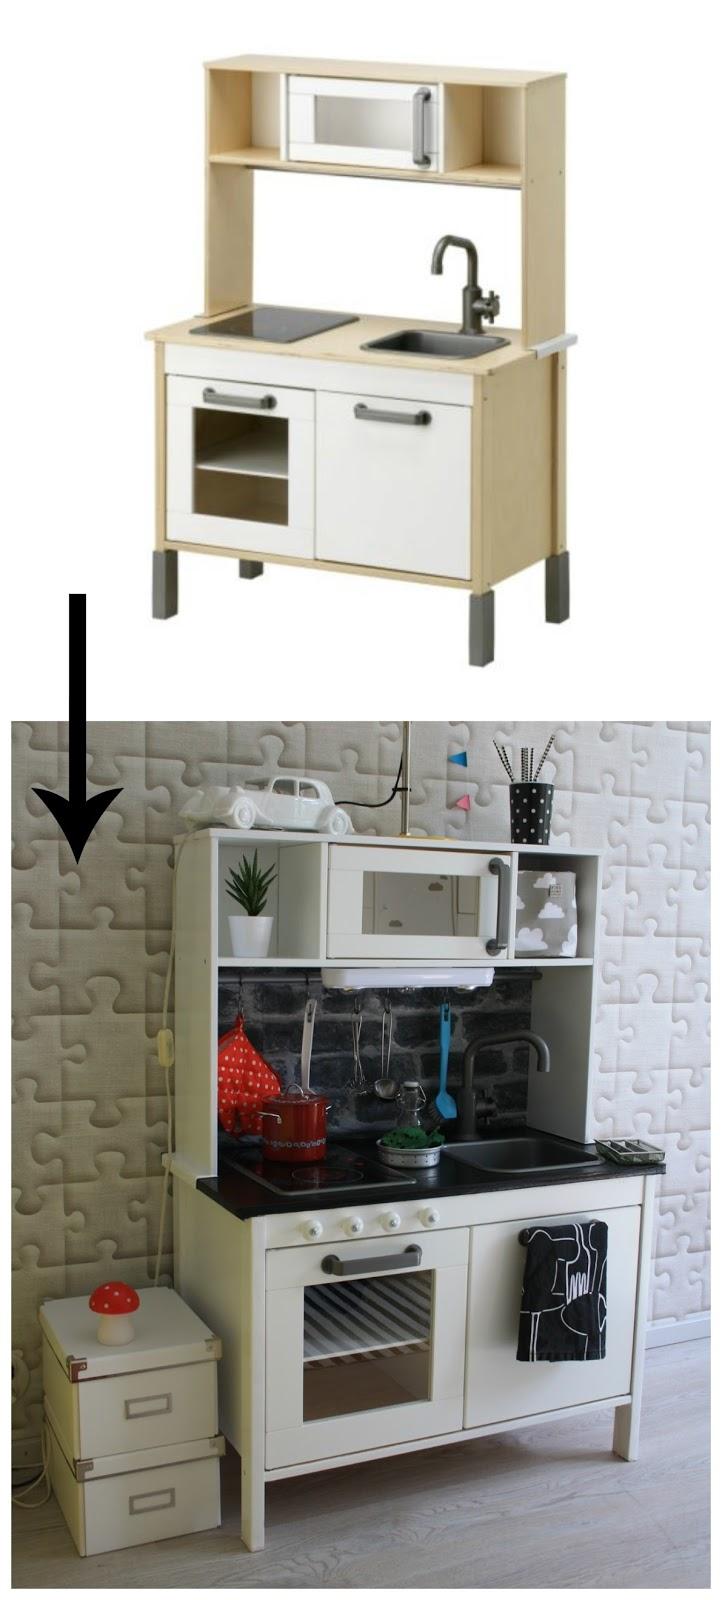 Ikea leikkikeittiö tuunaus – Teie vaimustus stiili